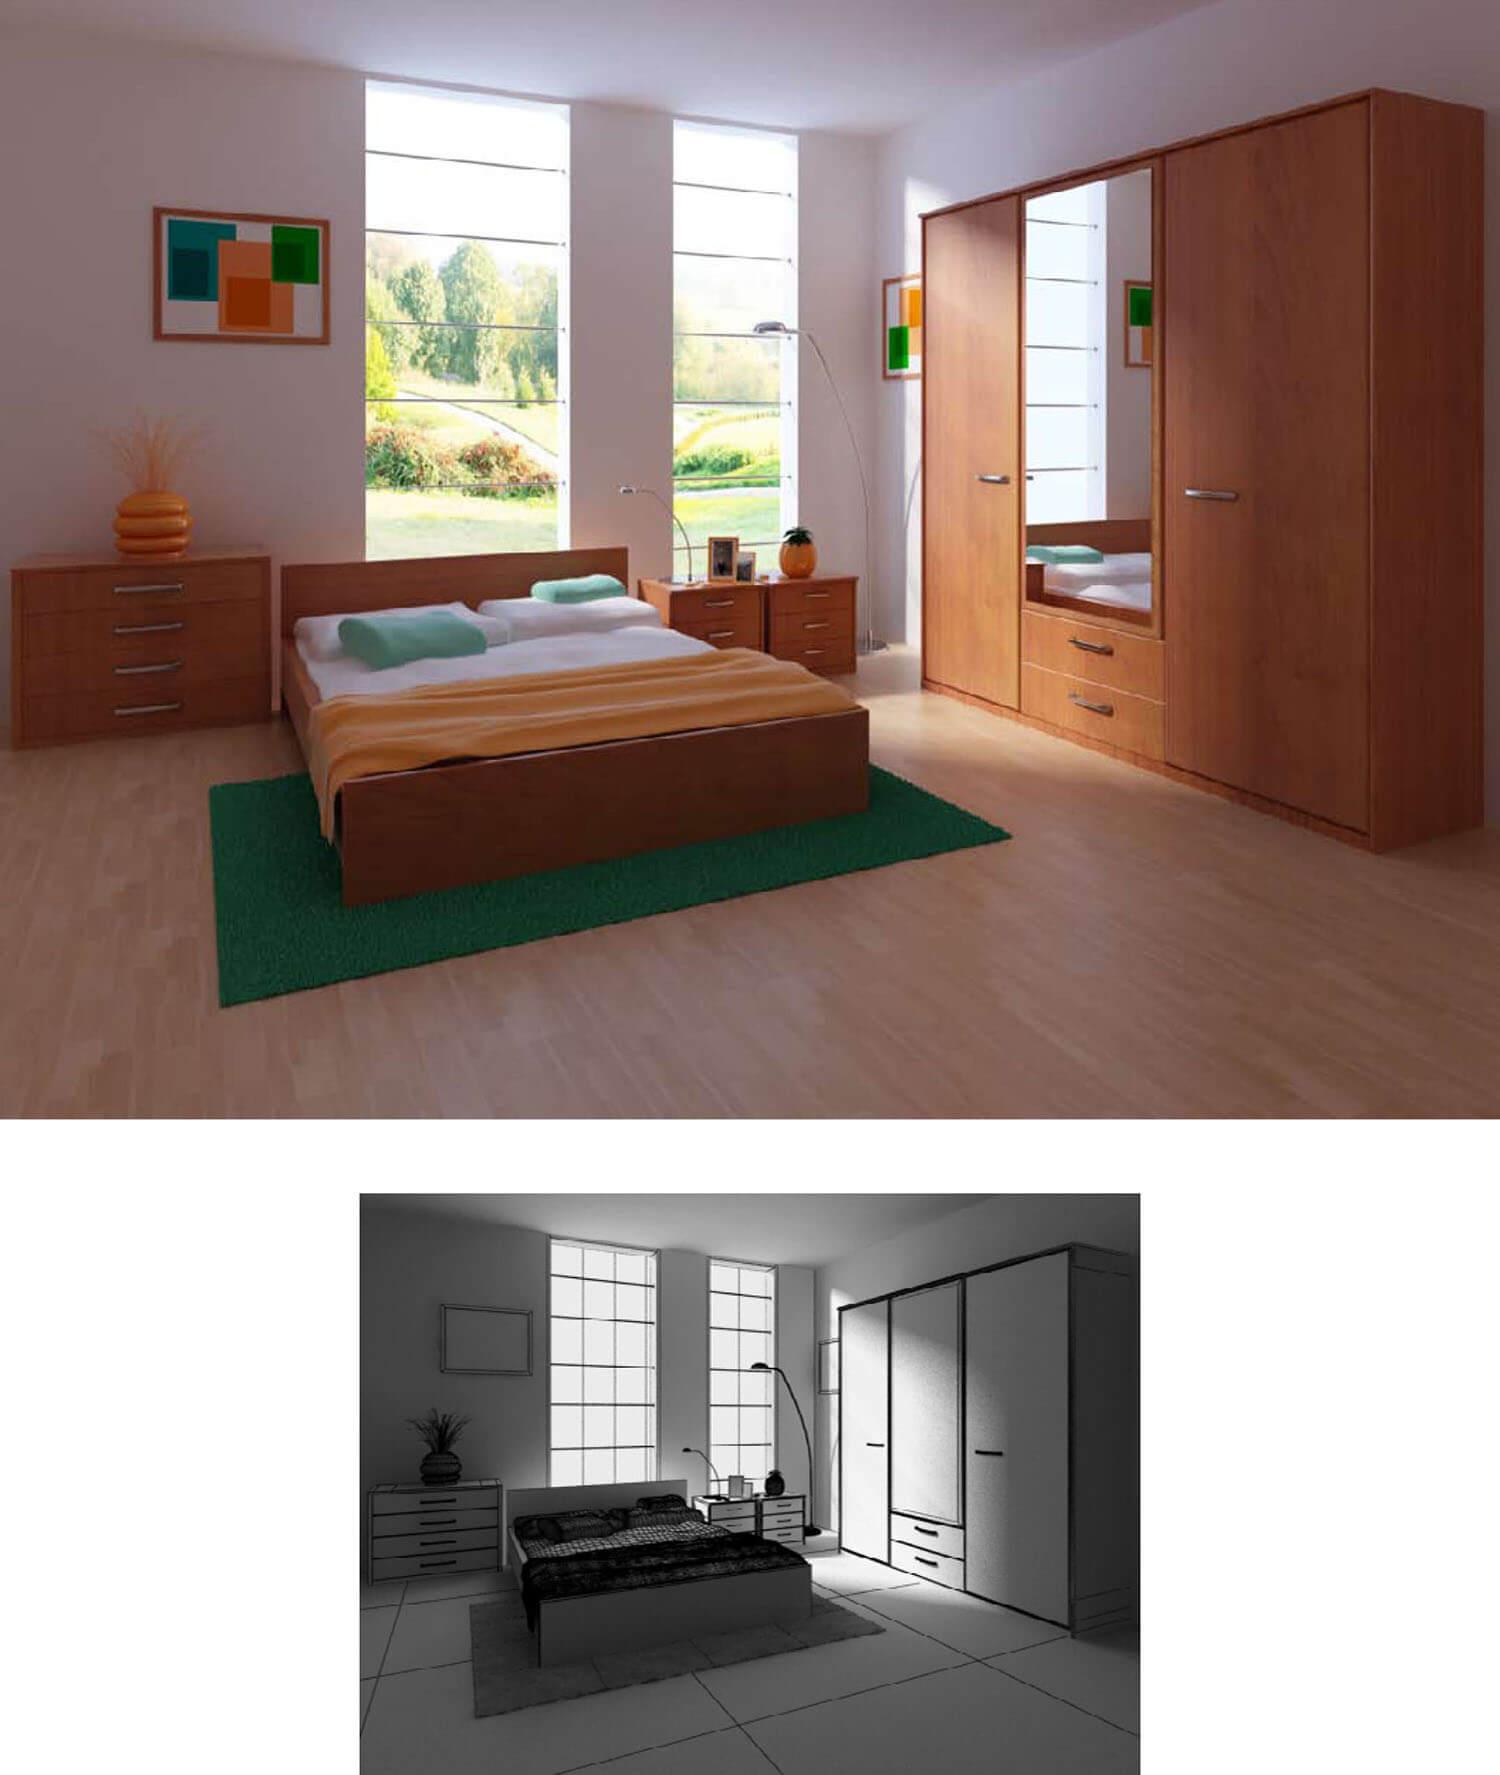 Nội thất gỗ được sử dụng tối đa trong phòng ngủ đem lại vẻ ấm áp